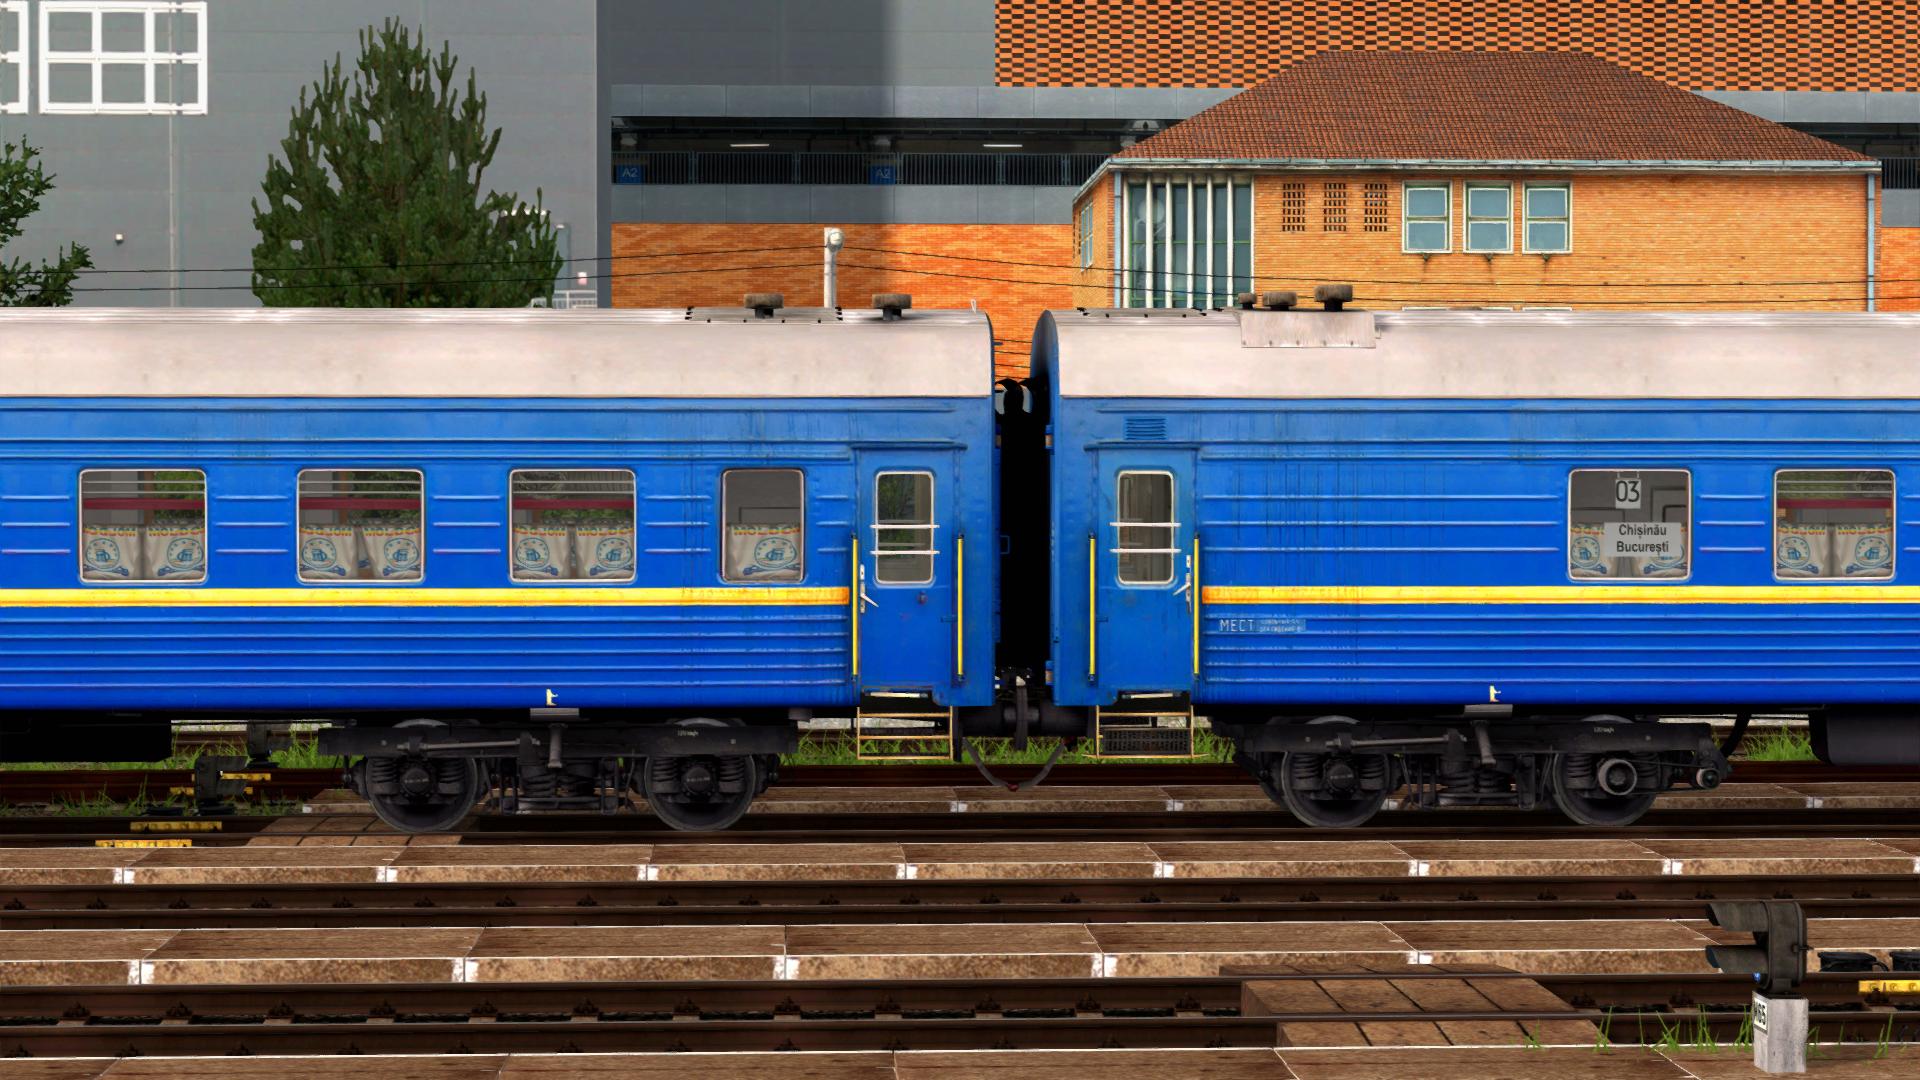 RailWorks64 2021-02-22 17-17-15